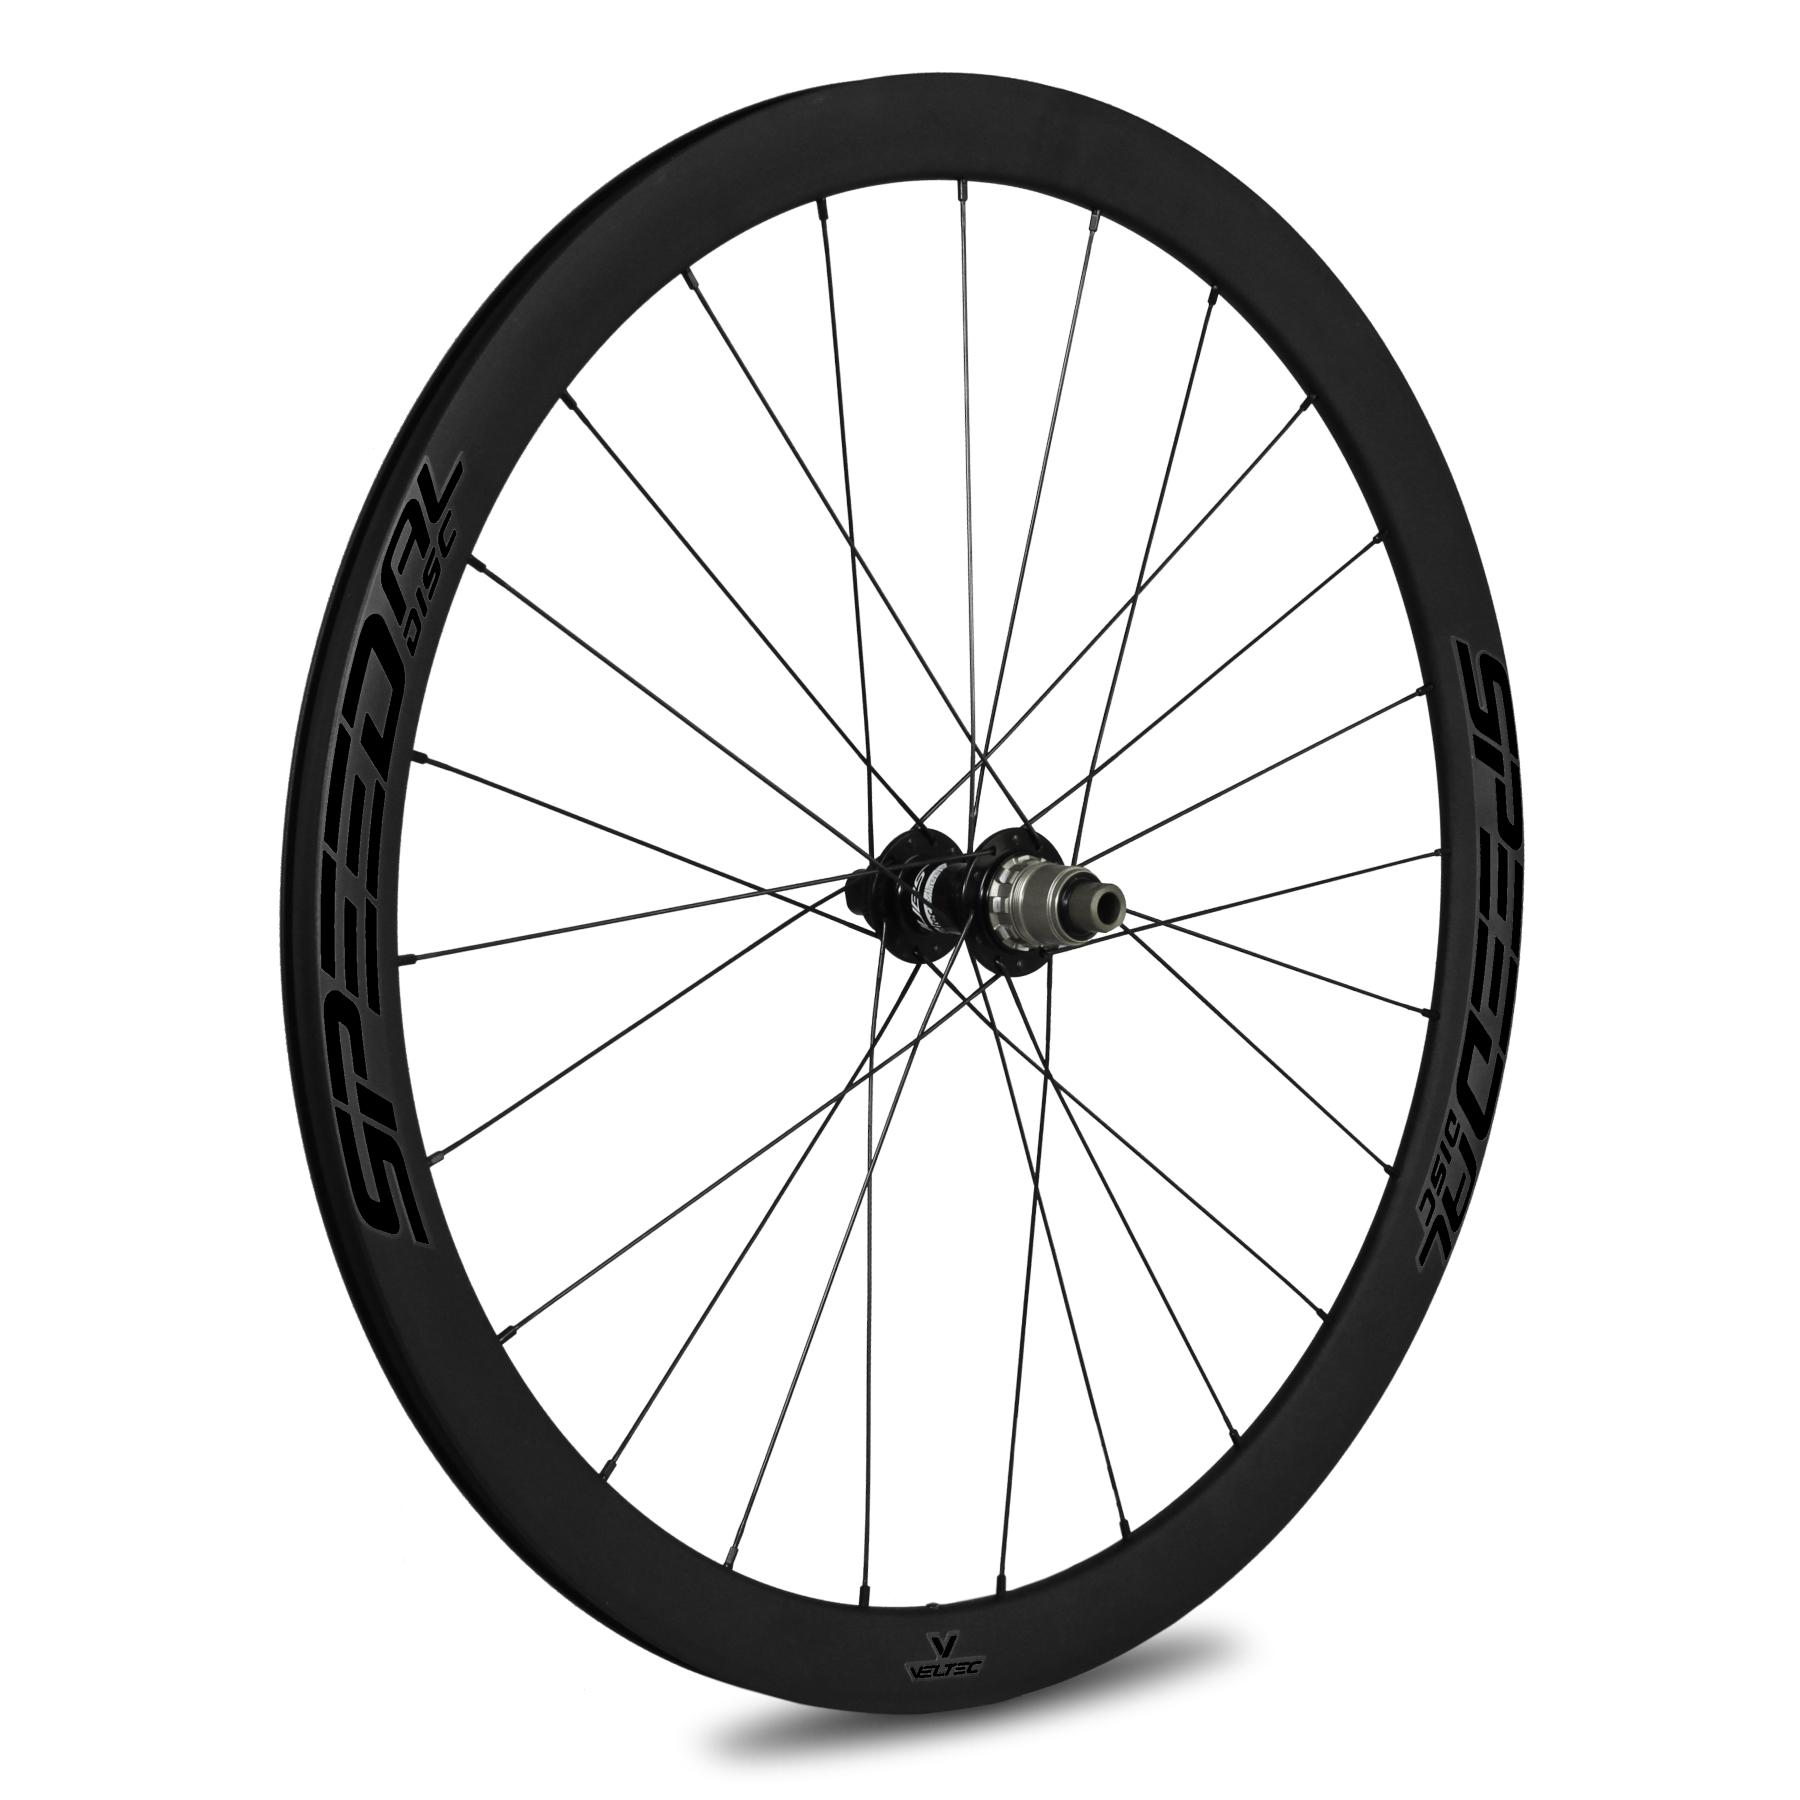 Veltec Speed AL Disc Hinterrad - Drahtreifen - QR130 - Shimano/SRAM HG - schwarz